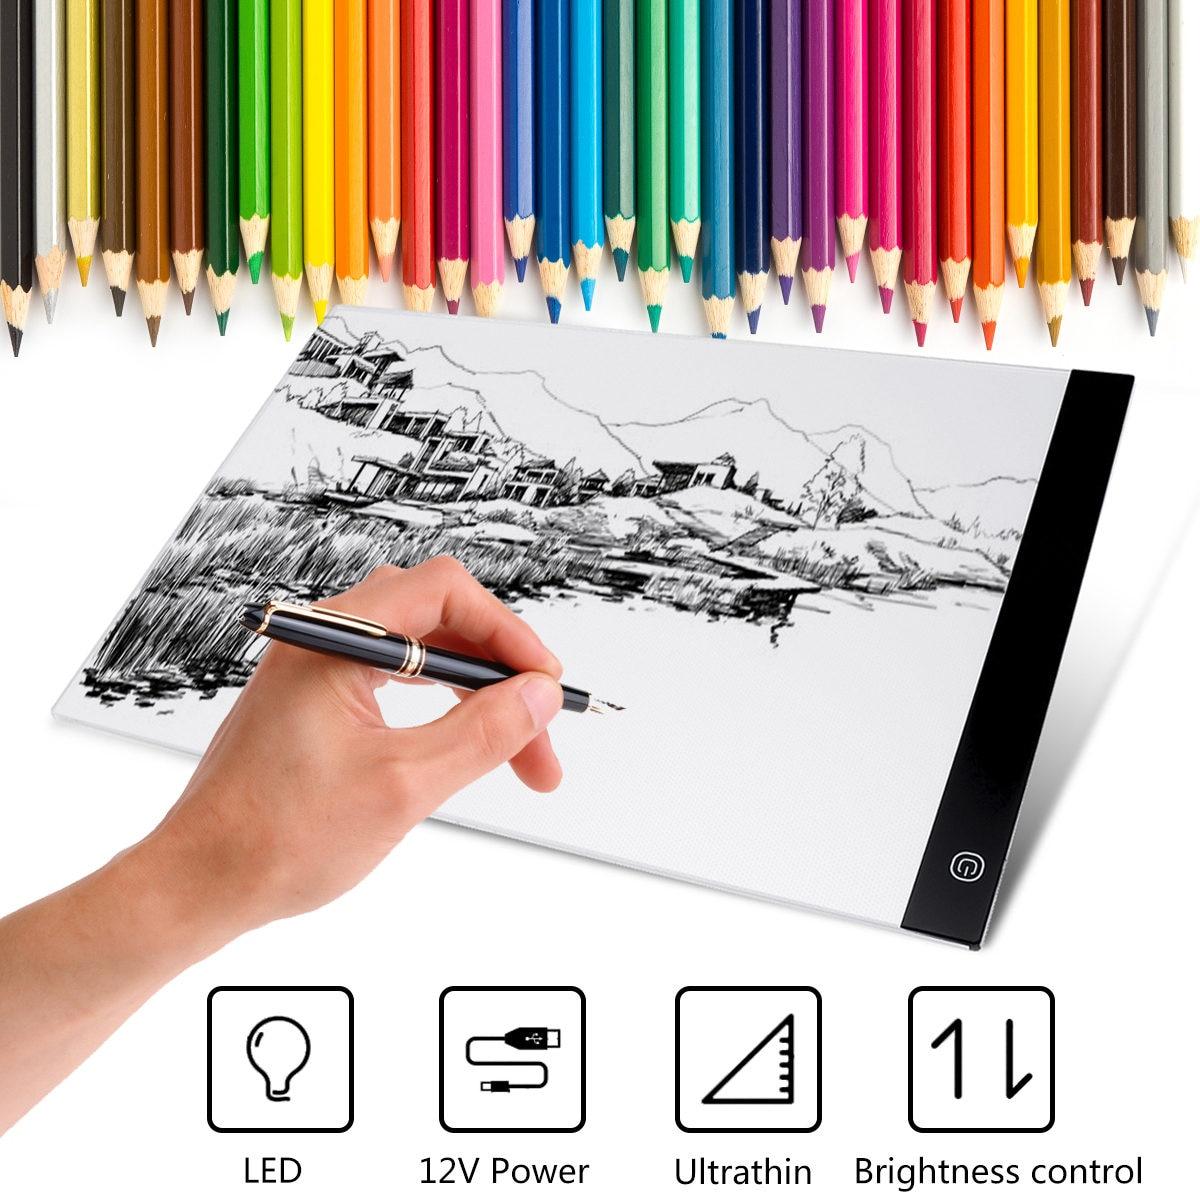 Tableta de dibujo con panel de luz ajustable A3 LED, tablero de dibujo electrónico USB, almohadilla de dibujo Digital para pintar bocetos de animación